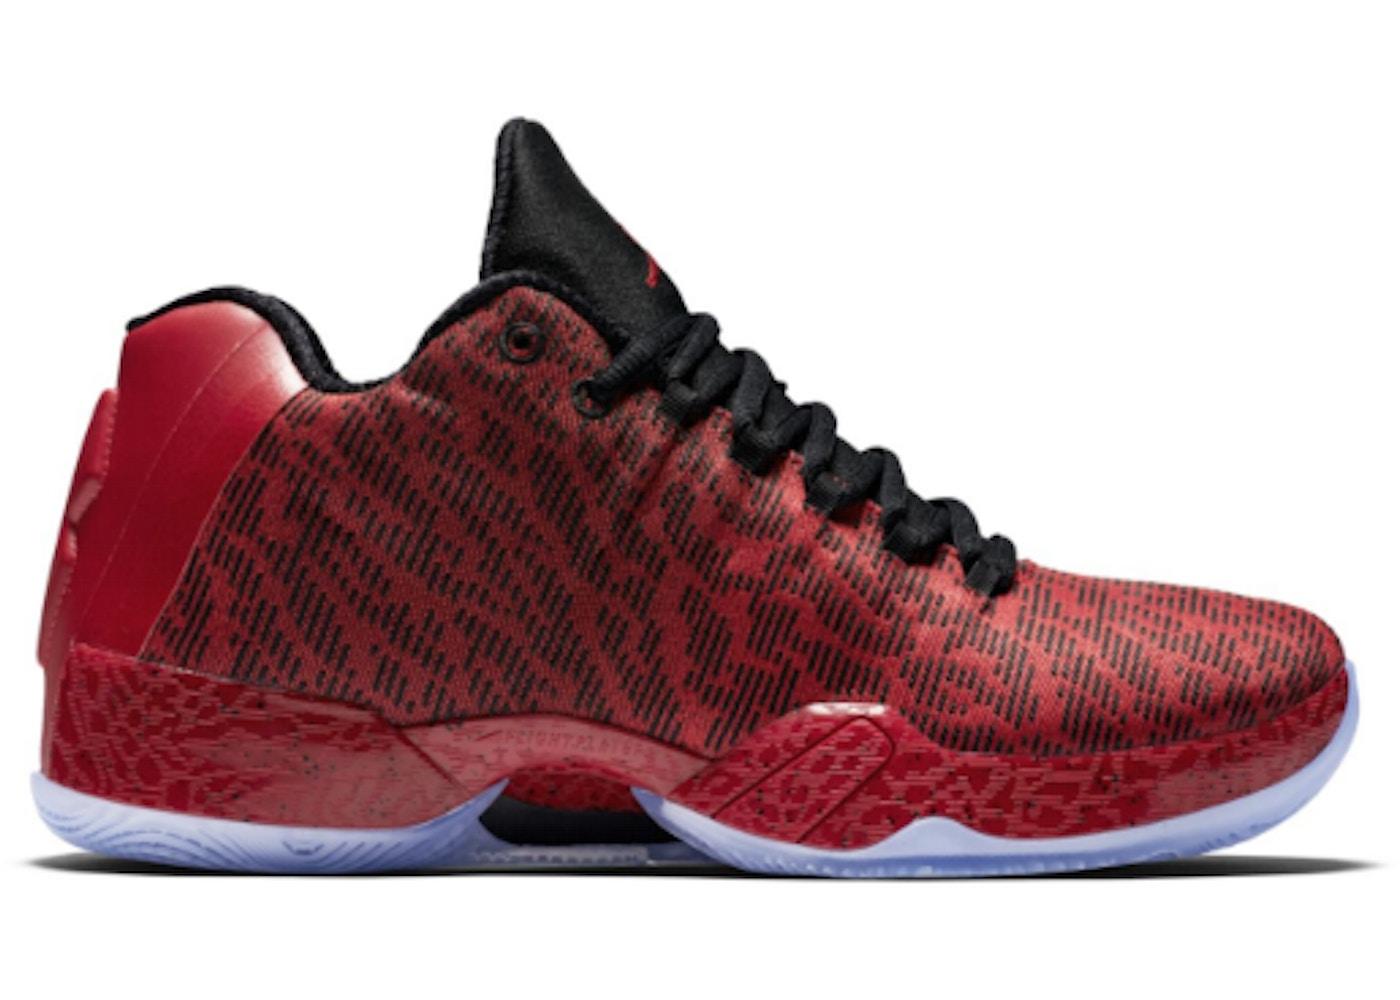 c50ec45fe77f9c Air Jordan 29 Size 12 Shoes - Lowest Ask